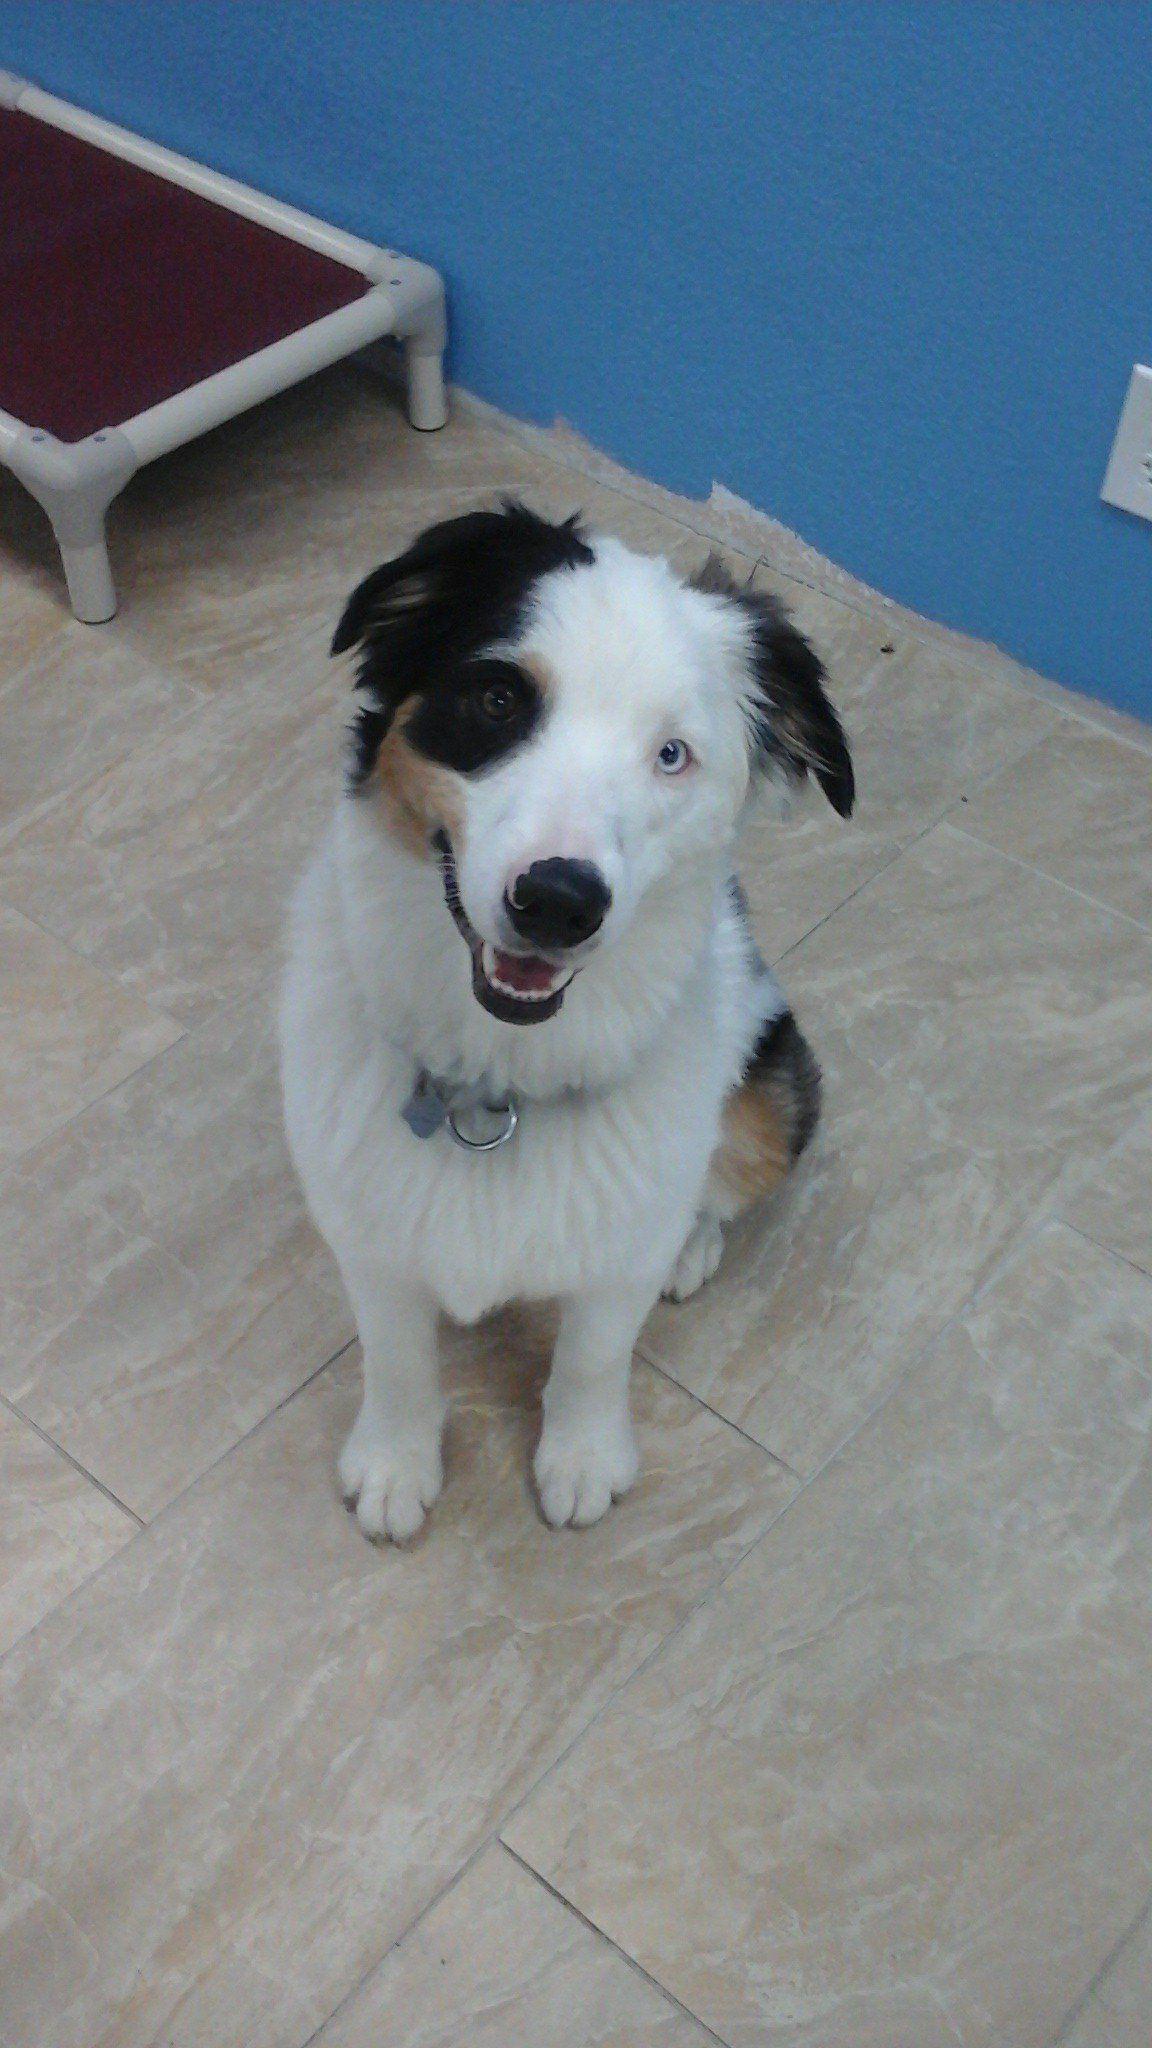 Oliver! An Australian Shepherd at Barks & Recreation